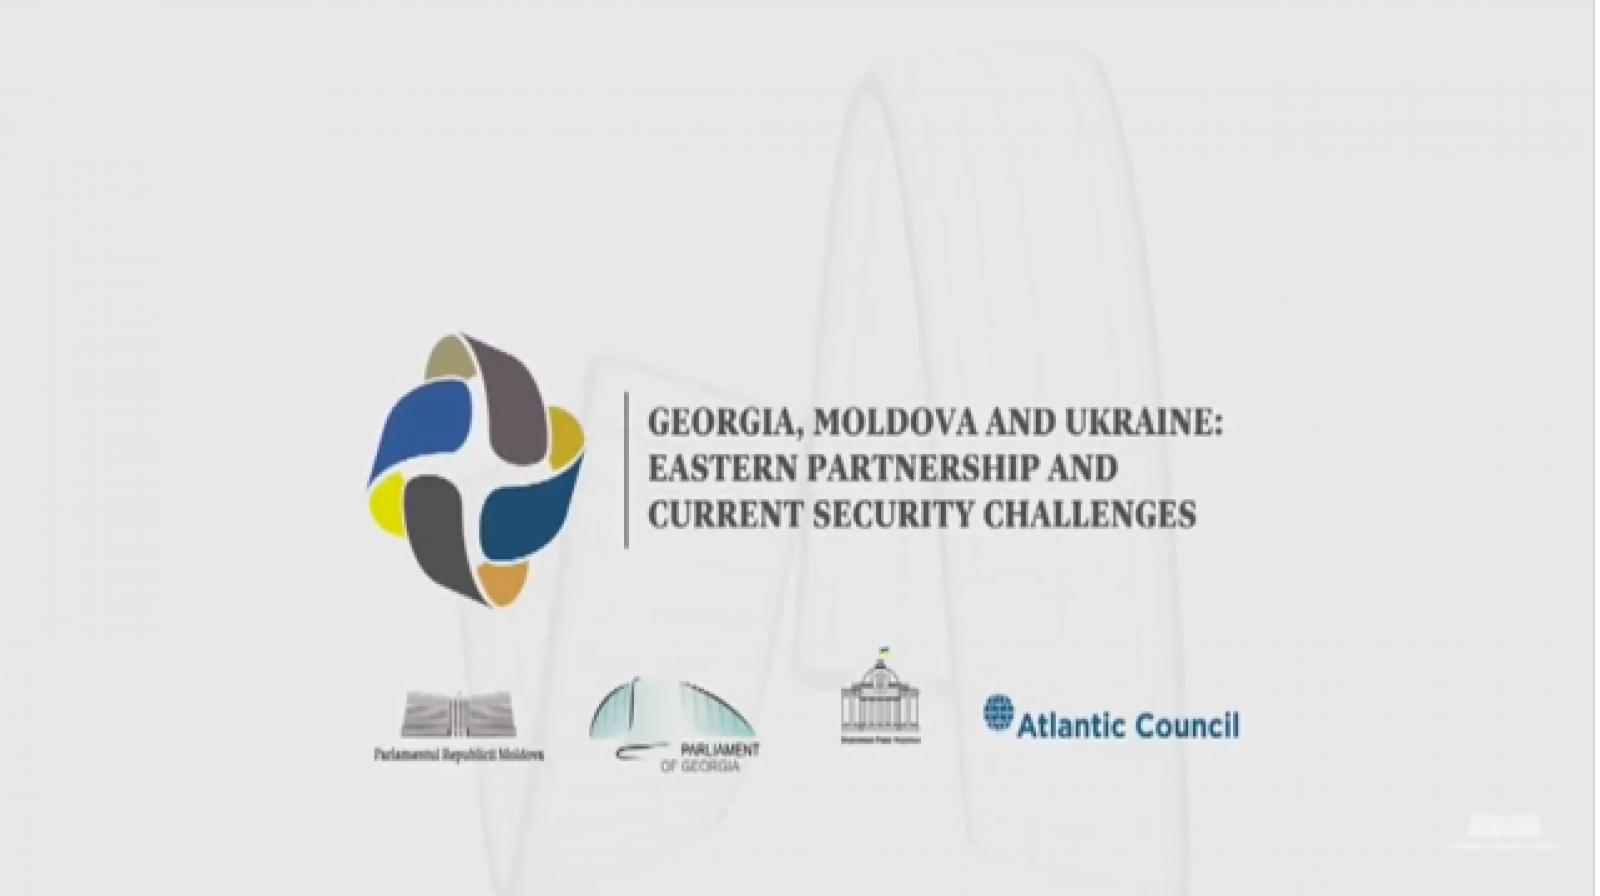 (live) Reprezentanții Parlamentelor din Georgia, Moldova și Ucraina se reunesc la Chișinău. Despre ce vor discuta